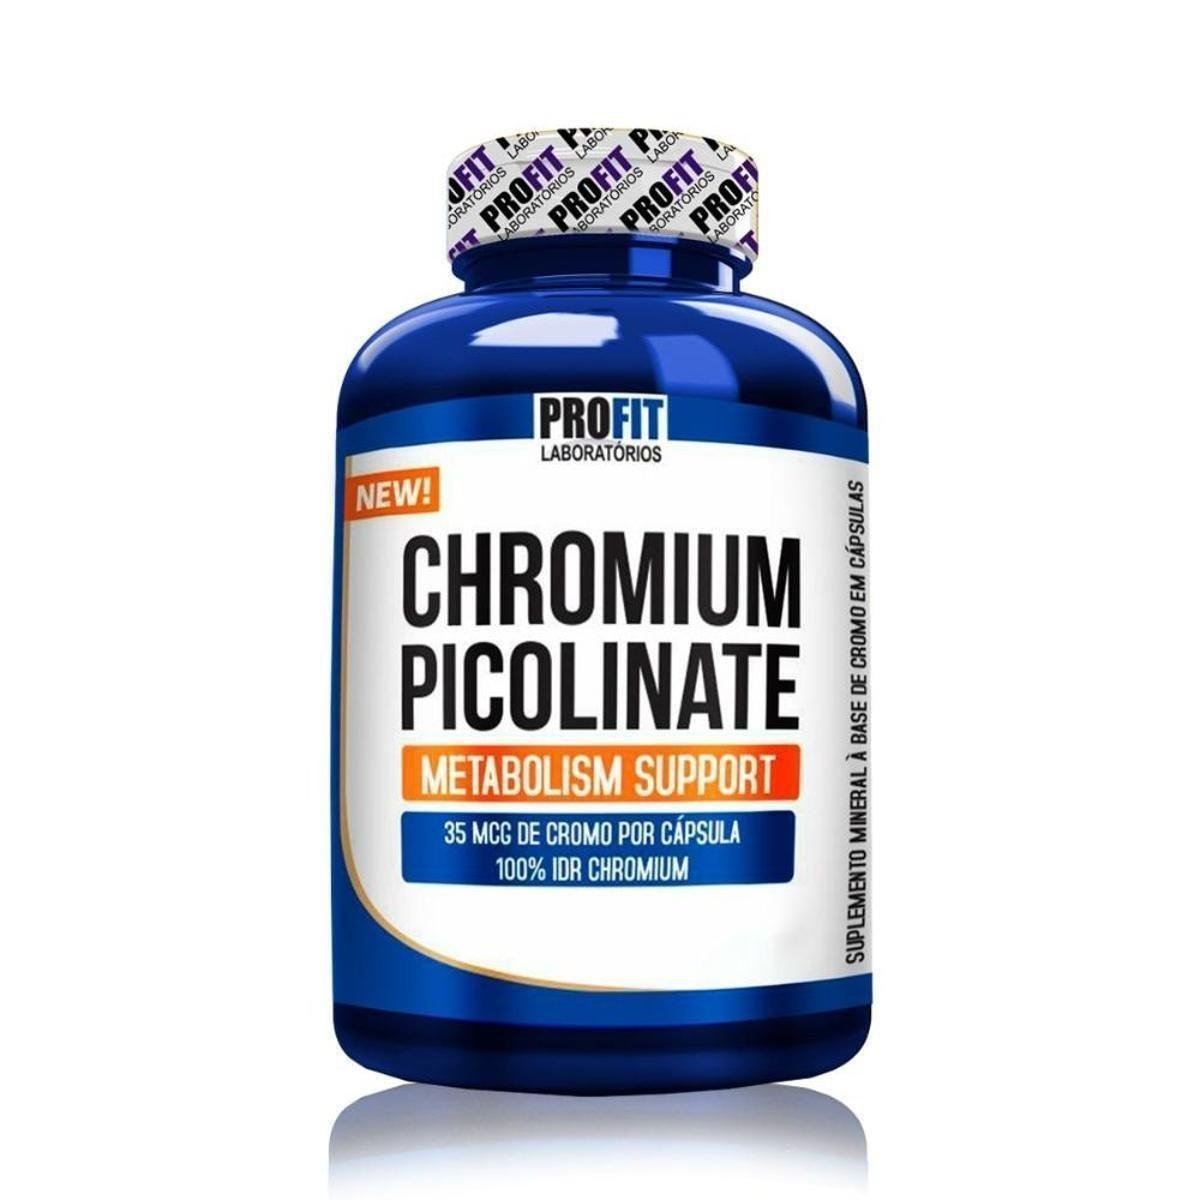 CHROMIUM PICOLINATE PROFIT - 120 CAPS